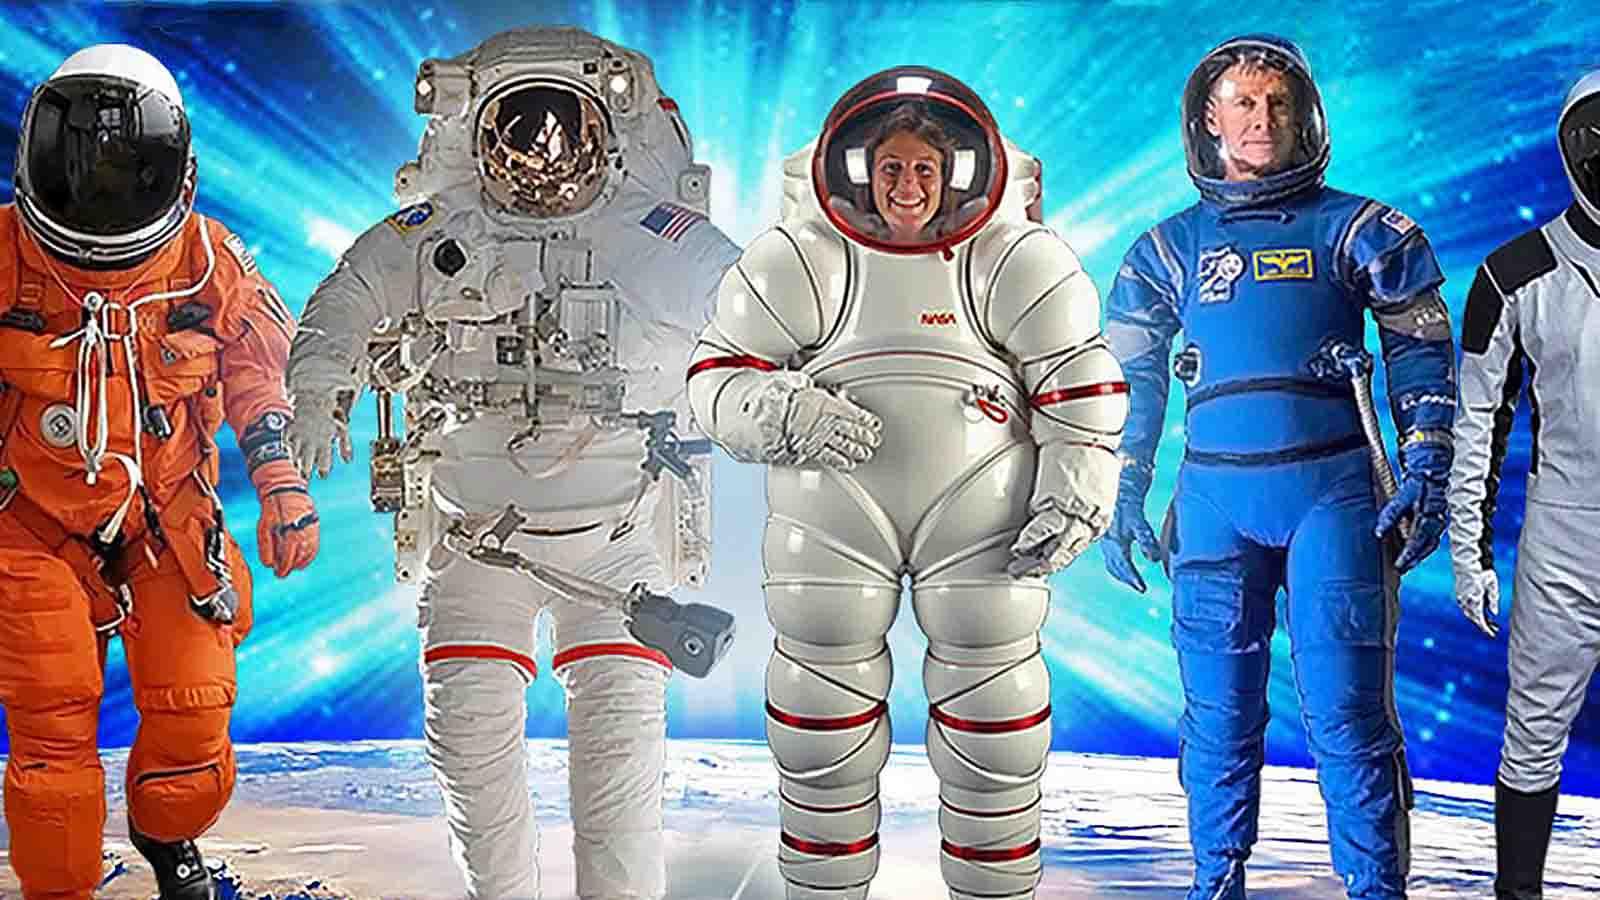 C3 Moda en órbita: breve historia del traje espacial